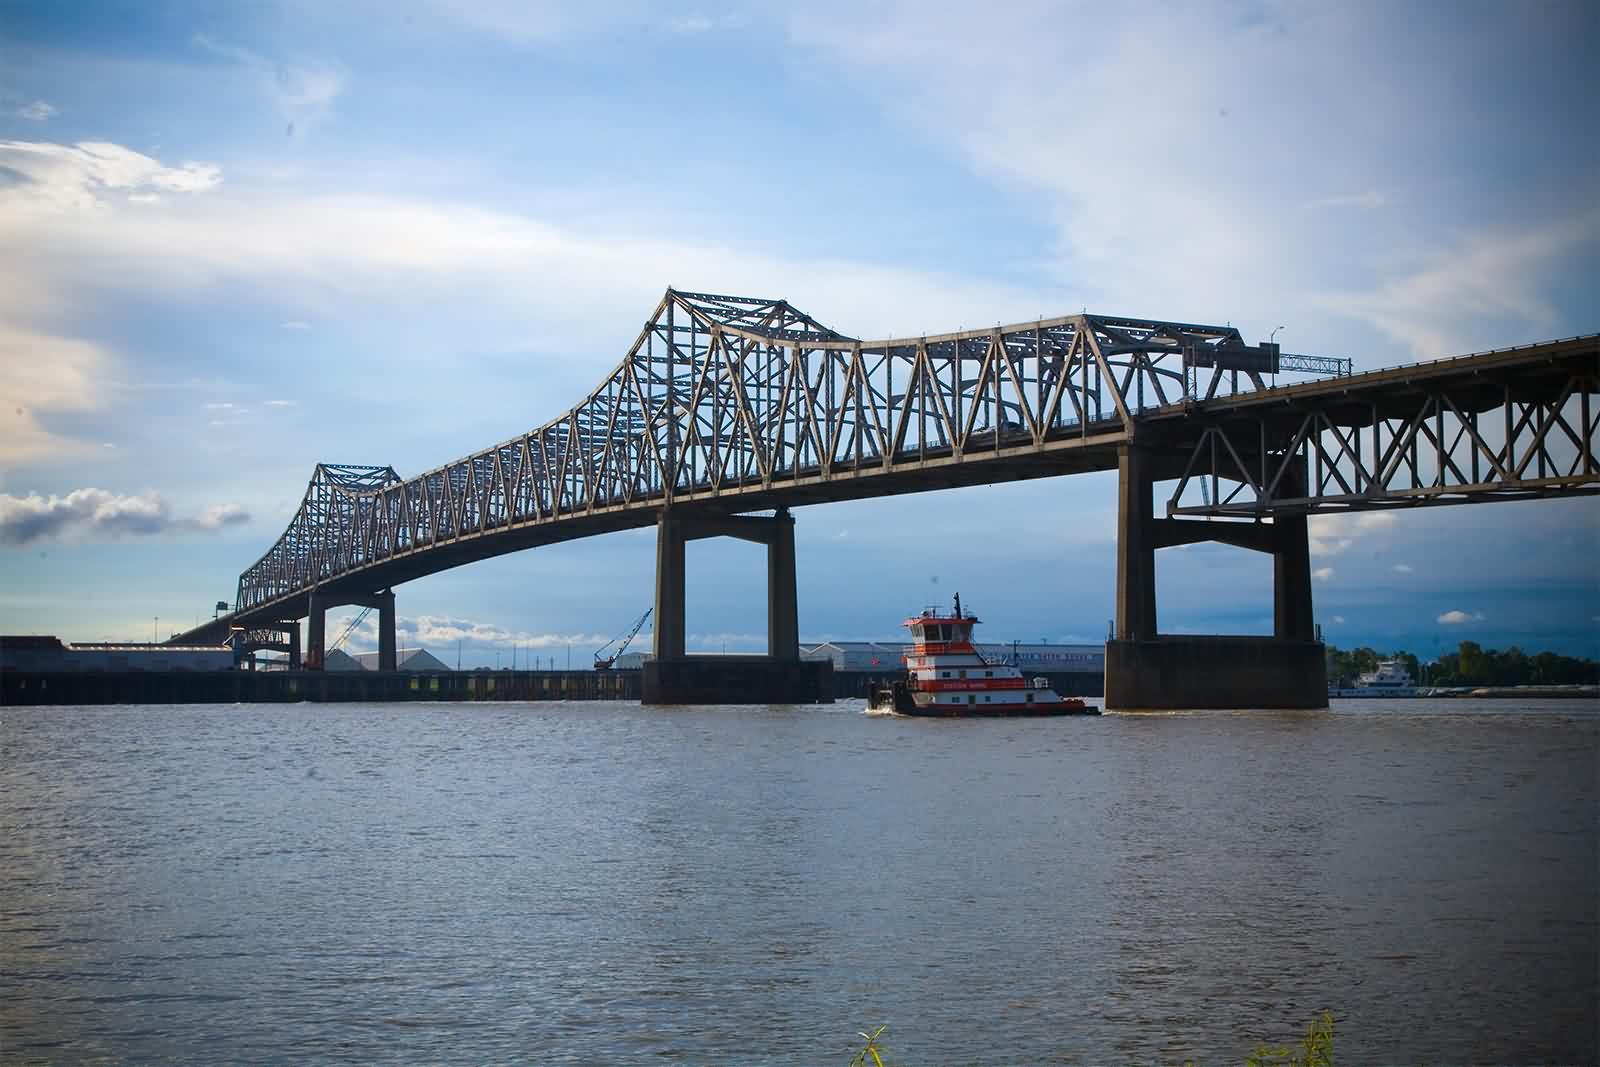 Where to stay in Baton Rouge, LA - Port Allen